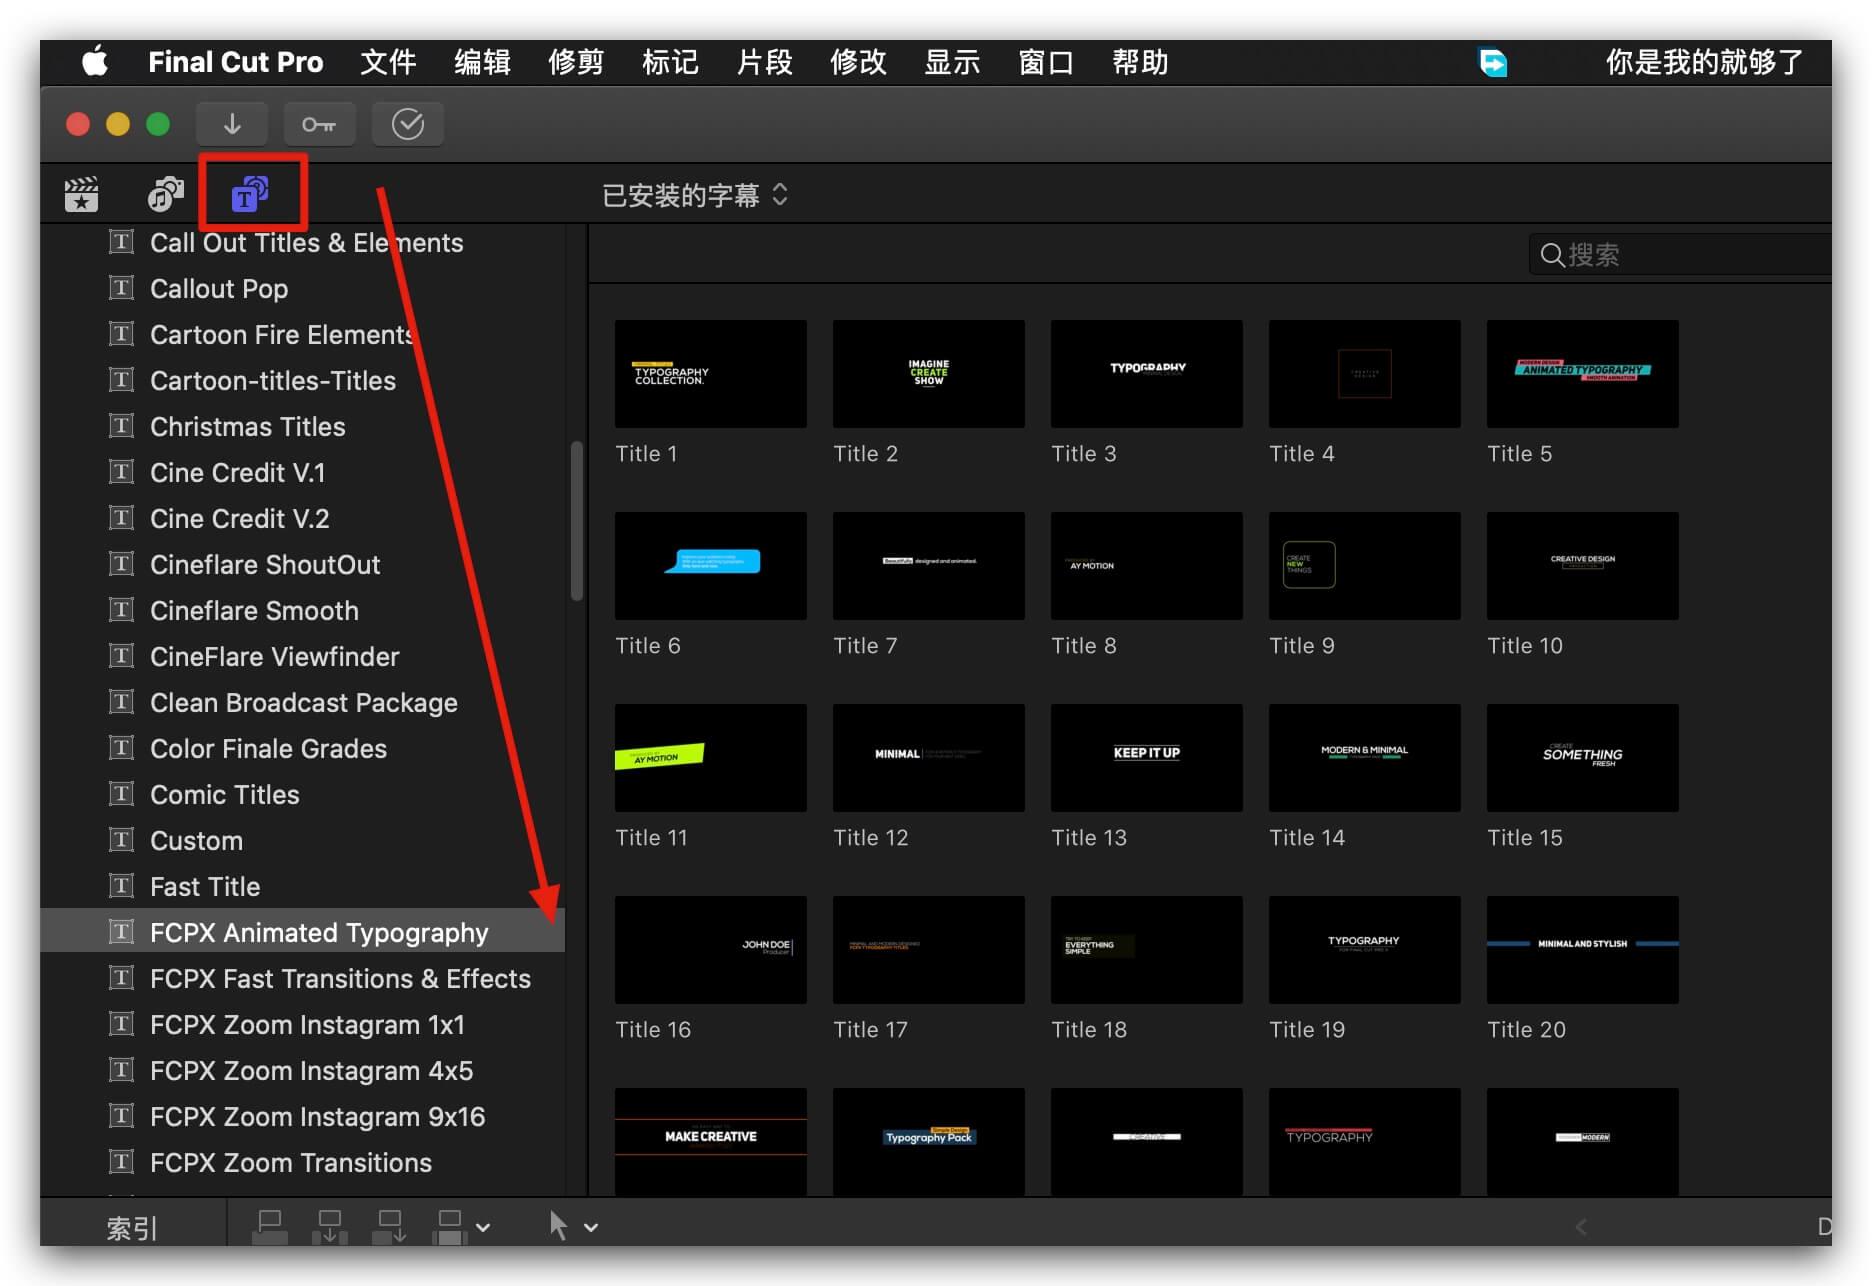 FCPX标题插件 30个下三分之一字幕条提要模板 HYPE Lower Thirds